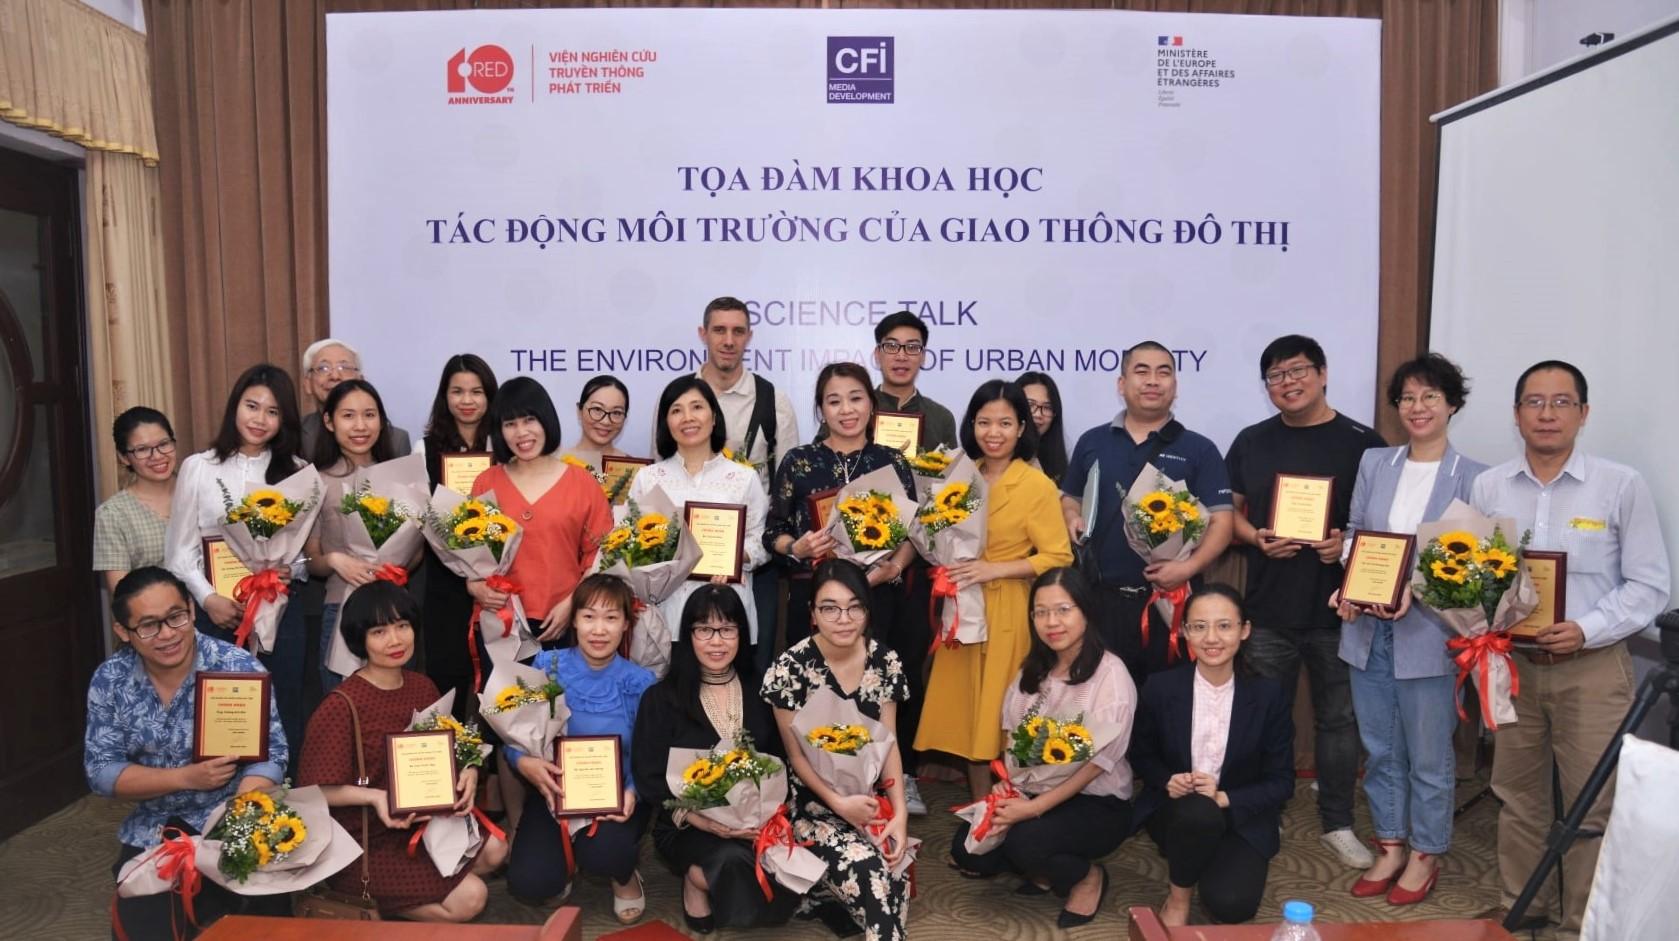 Tổng kết và trao giấy chứng nhận tham gia chuỗi tọa đàm khoa học cho phóng viên tại Hà Nội ngày 30/3/2021  Nguồn: RED